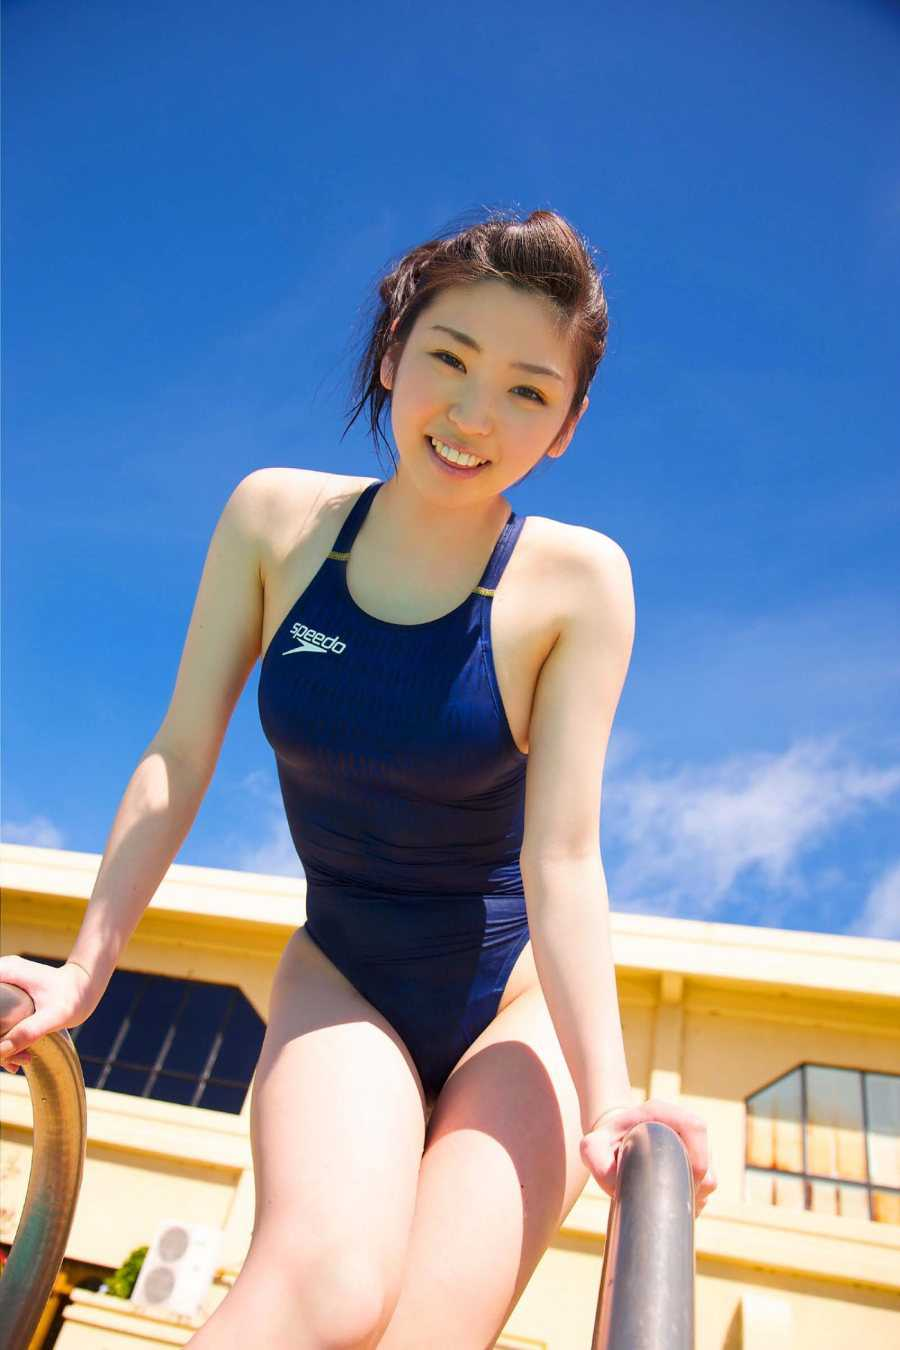 競泳水着フェチ (13)